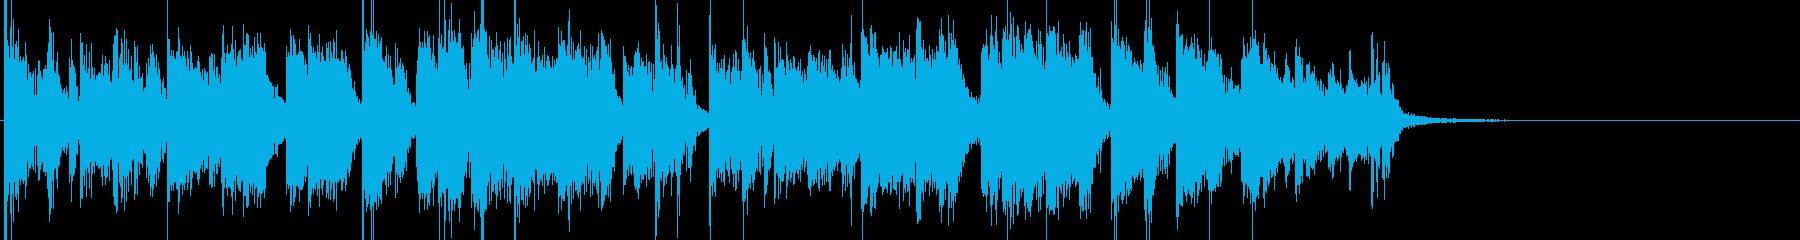 大都会夜景のファンキーサウンドの再生済みの波形